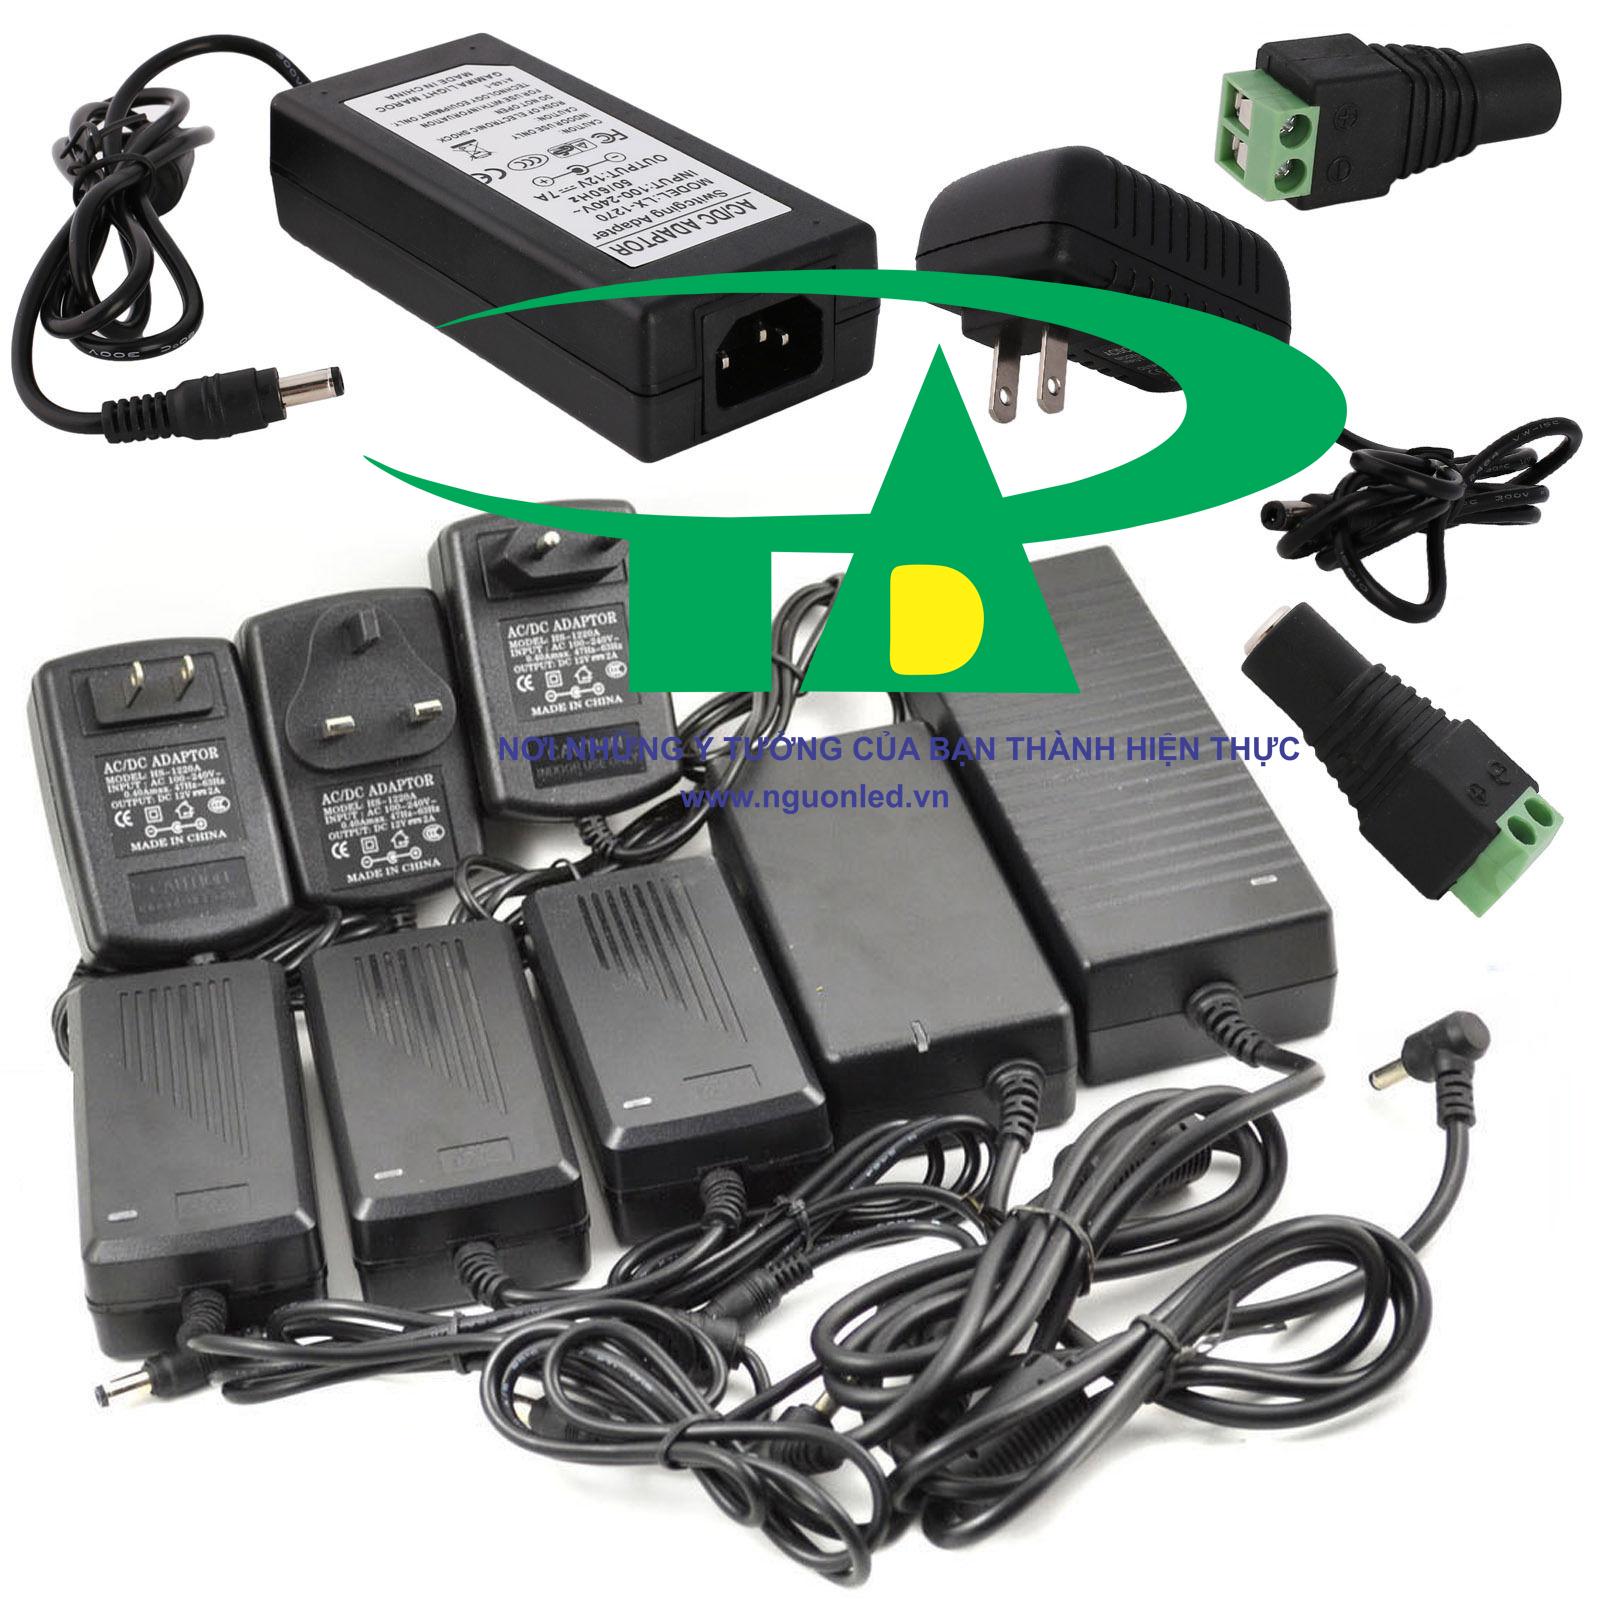 Adapter camera 12V 5A loại tốt, giá rẻ, bảo hành 1 năm tại nguonled.vn